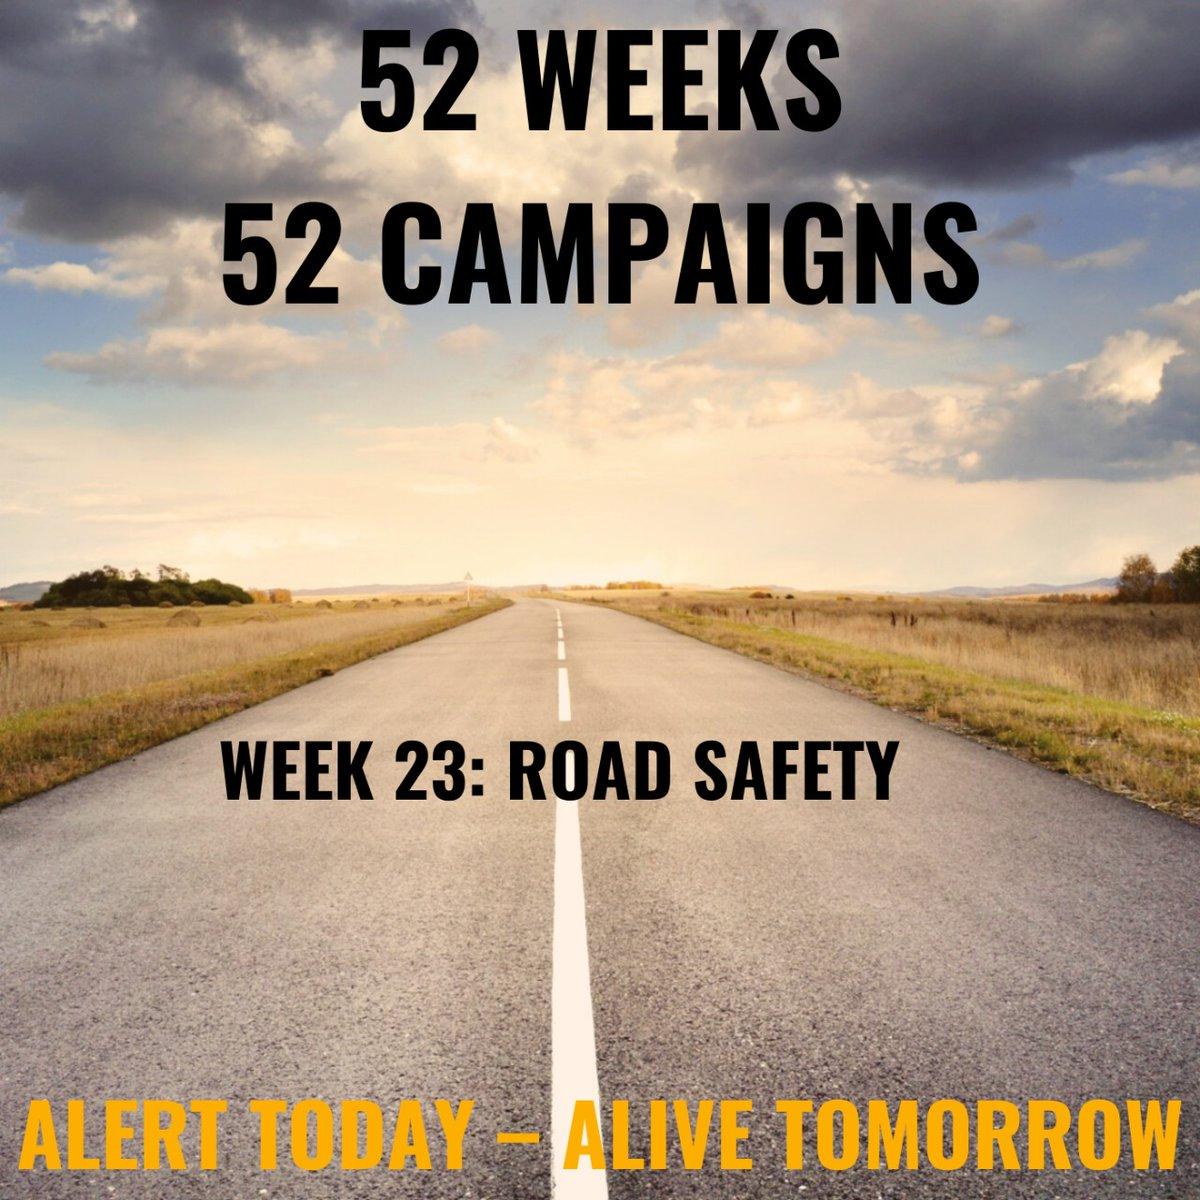 52 Weeks 52 Campaigns. Week 23  Topic:- Road Safety . . In twinning with : @leoclubofdombivali @leoclubofmumsilveroak  @leoclubofkanjurmarg @leoclubof_bhiwandi @leo_club_kalyan . . . . #lionsclub #lions #weserve #lionsclubinternational  #lionsclubs #leo #lionseverywhere